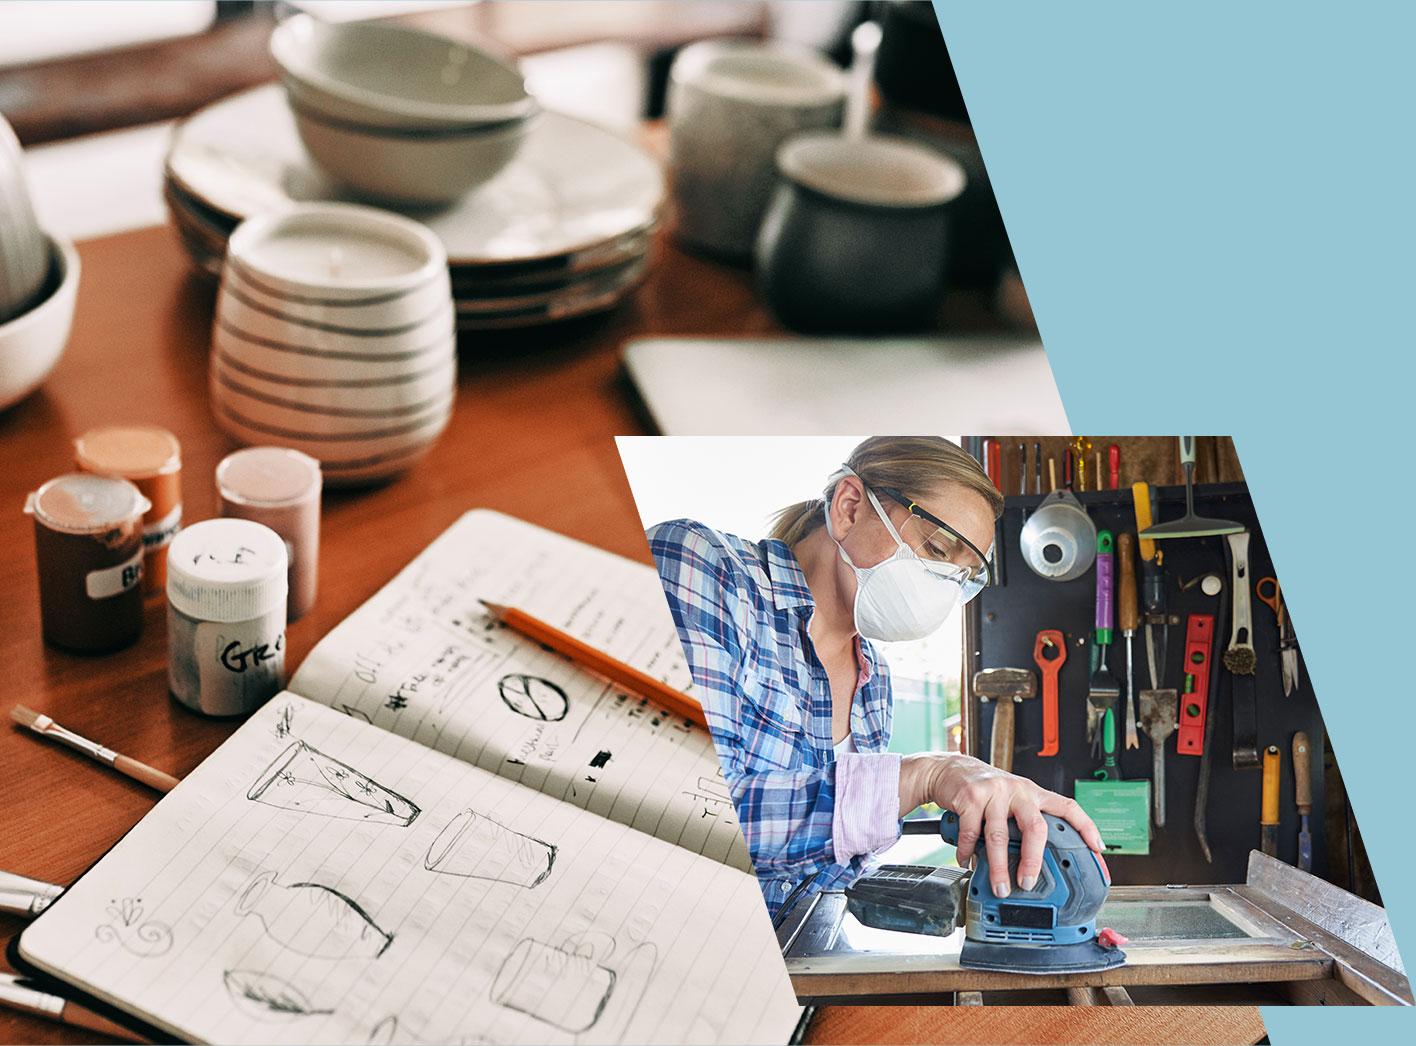 Werkstatt für Upcycling und Keramik